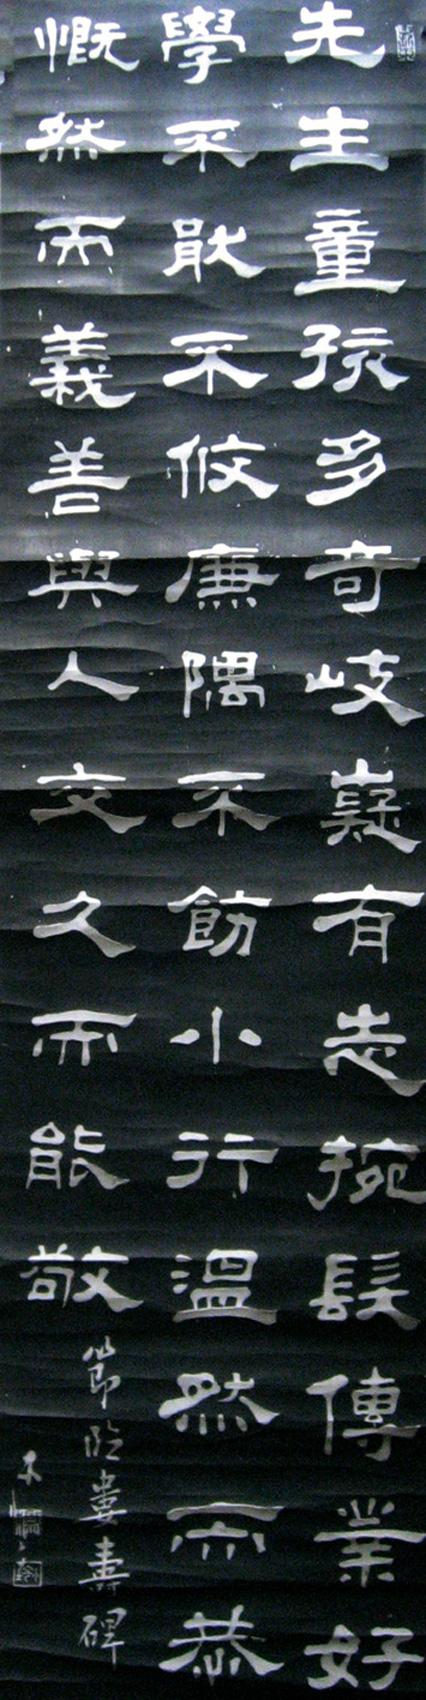 2 estampages en noir montés en touleau. 2 black rubbings mounted on scroll